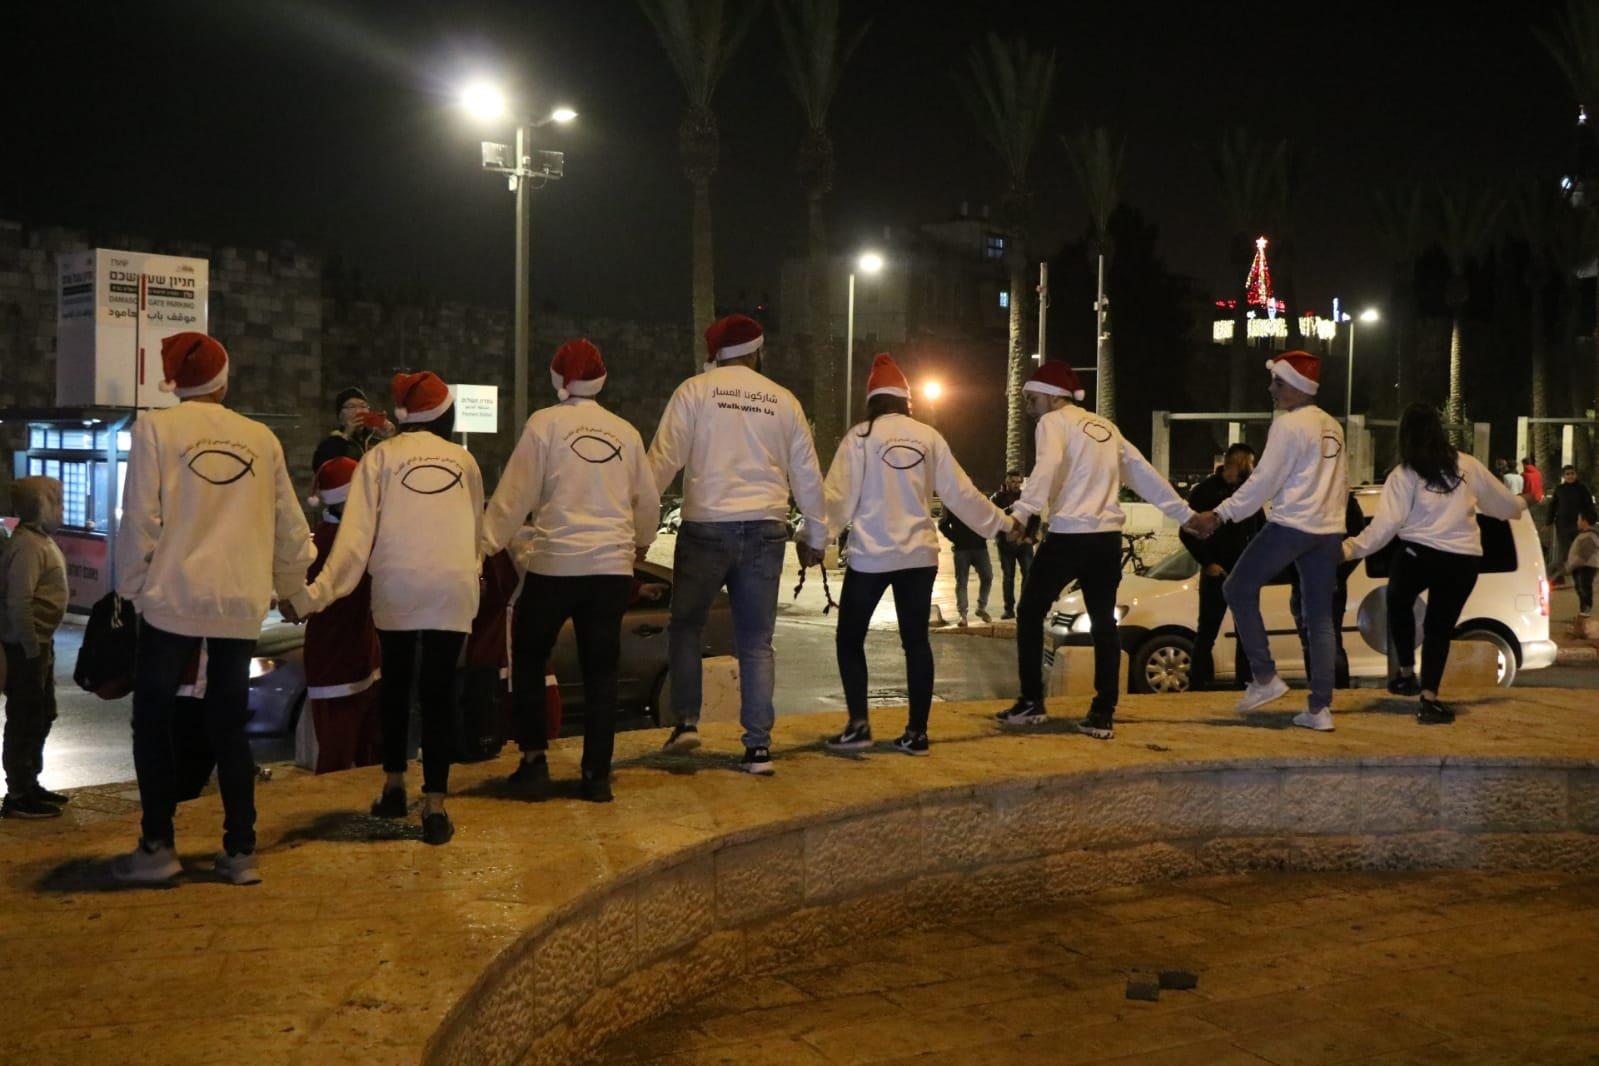 التجمع الوطني المسيحي يحي ليلة الميلاد في البلدة القديمة بالقدس وعلى الحواجز العسكرية المُحاصرة لها